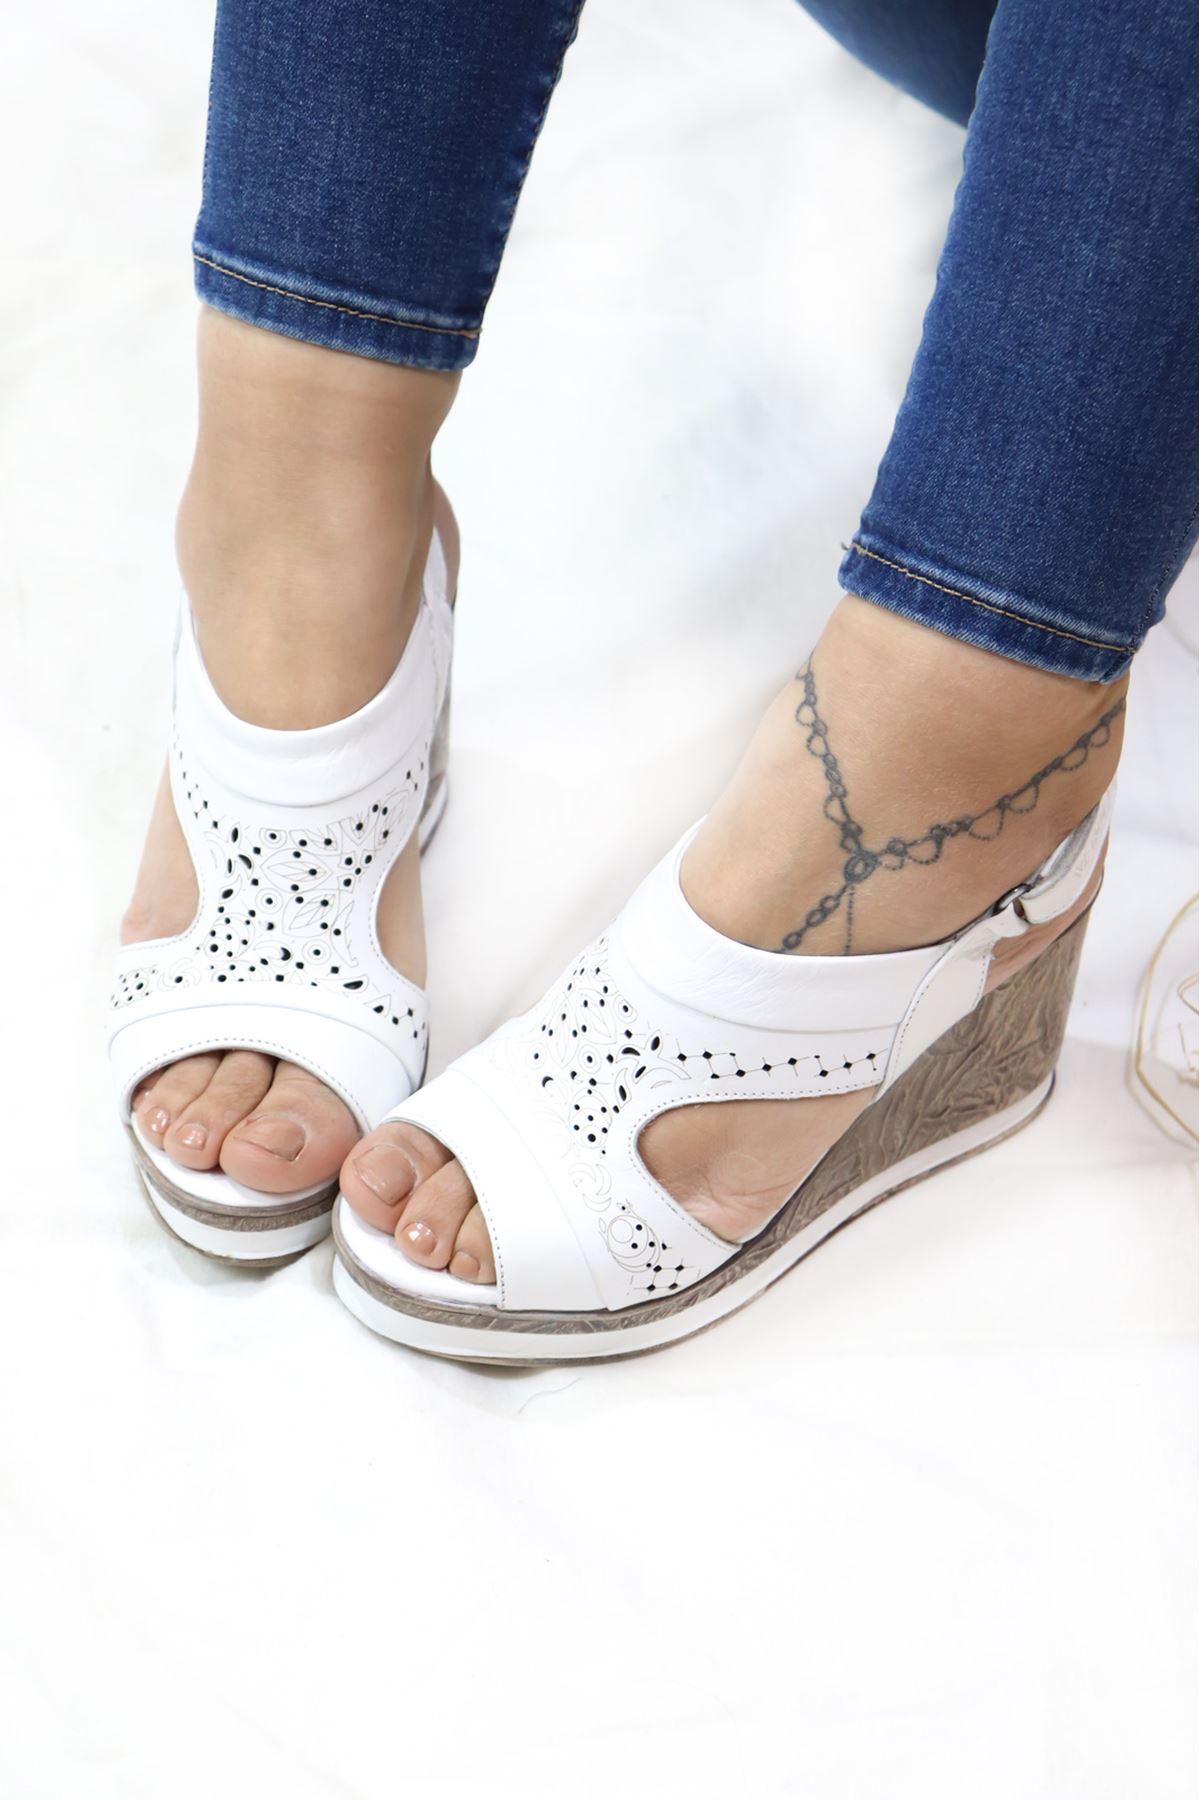 Venüs - 2015707y Beyaz Dolgu Topuk Sandalet